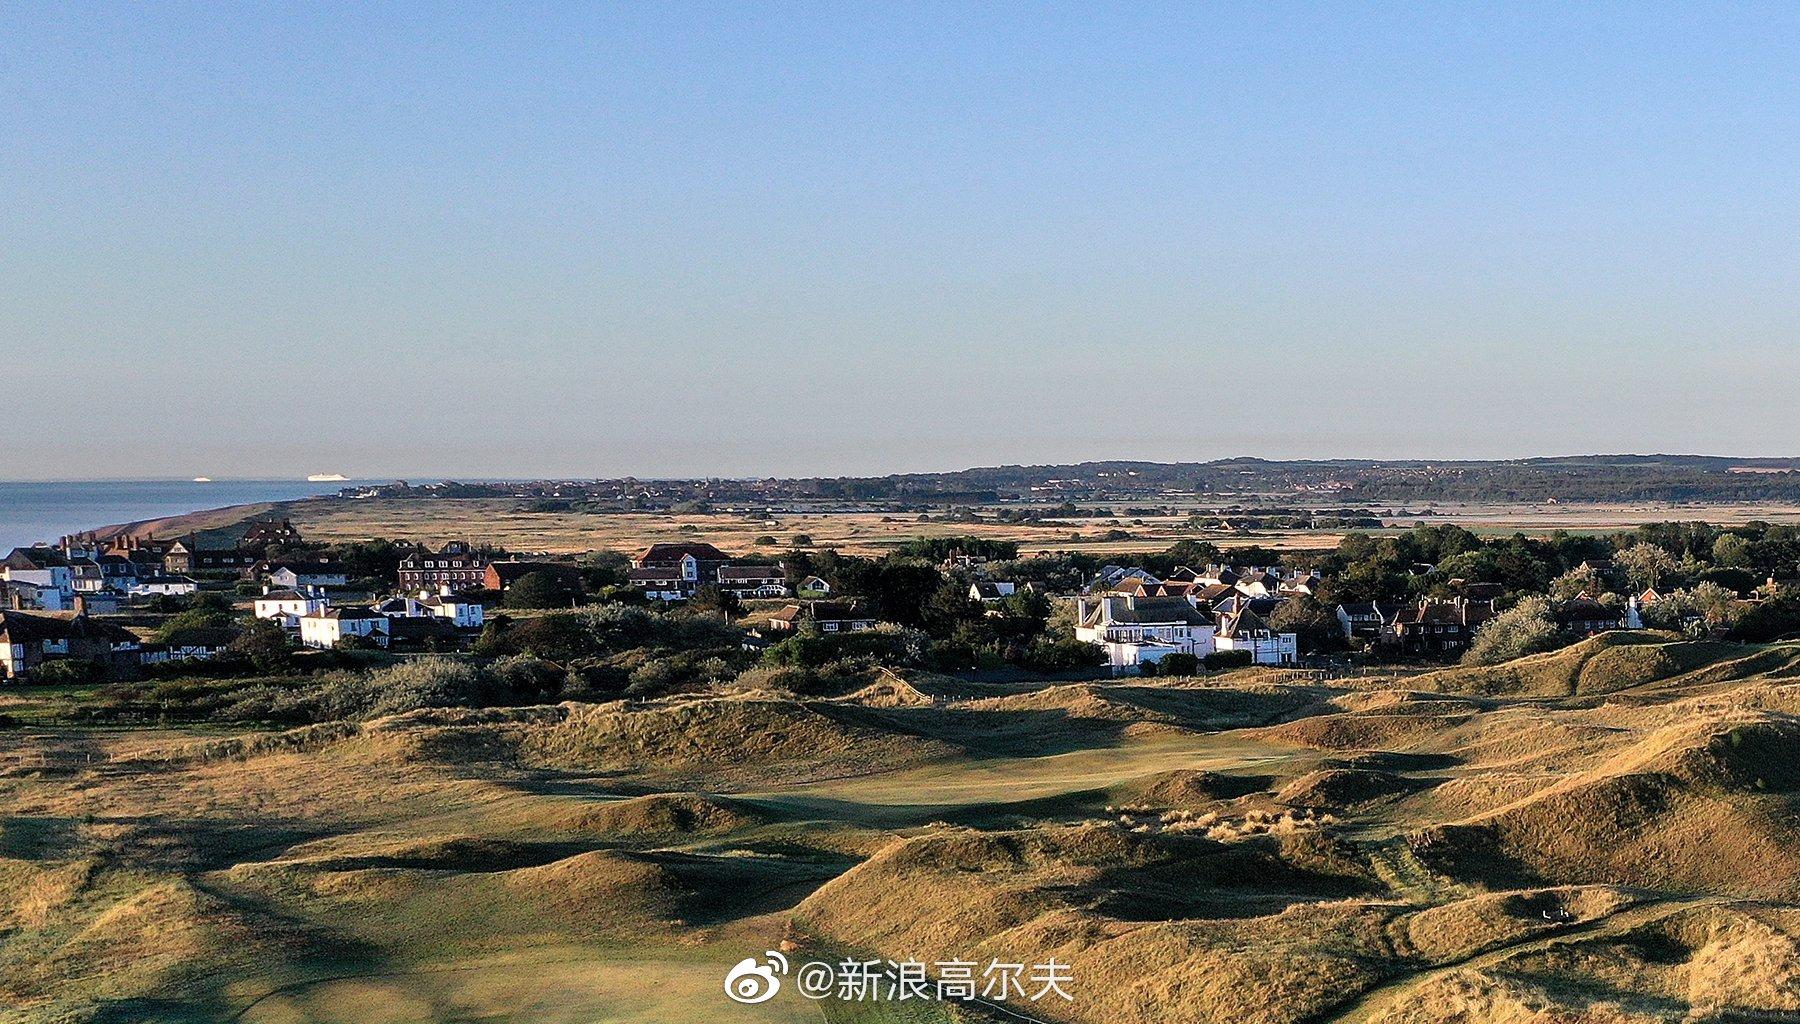 林克斯高尔夫的天堂——皇家圣乔治高尔夫俱乐部⛳️